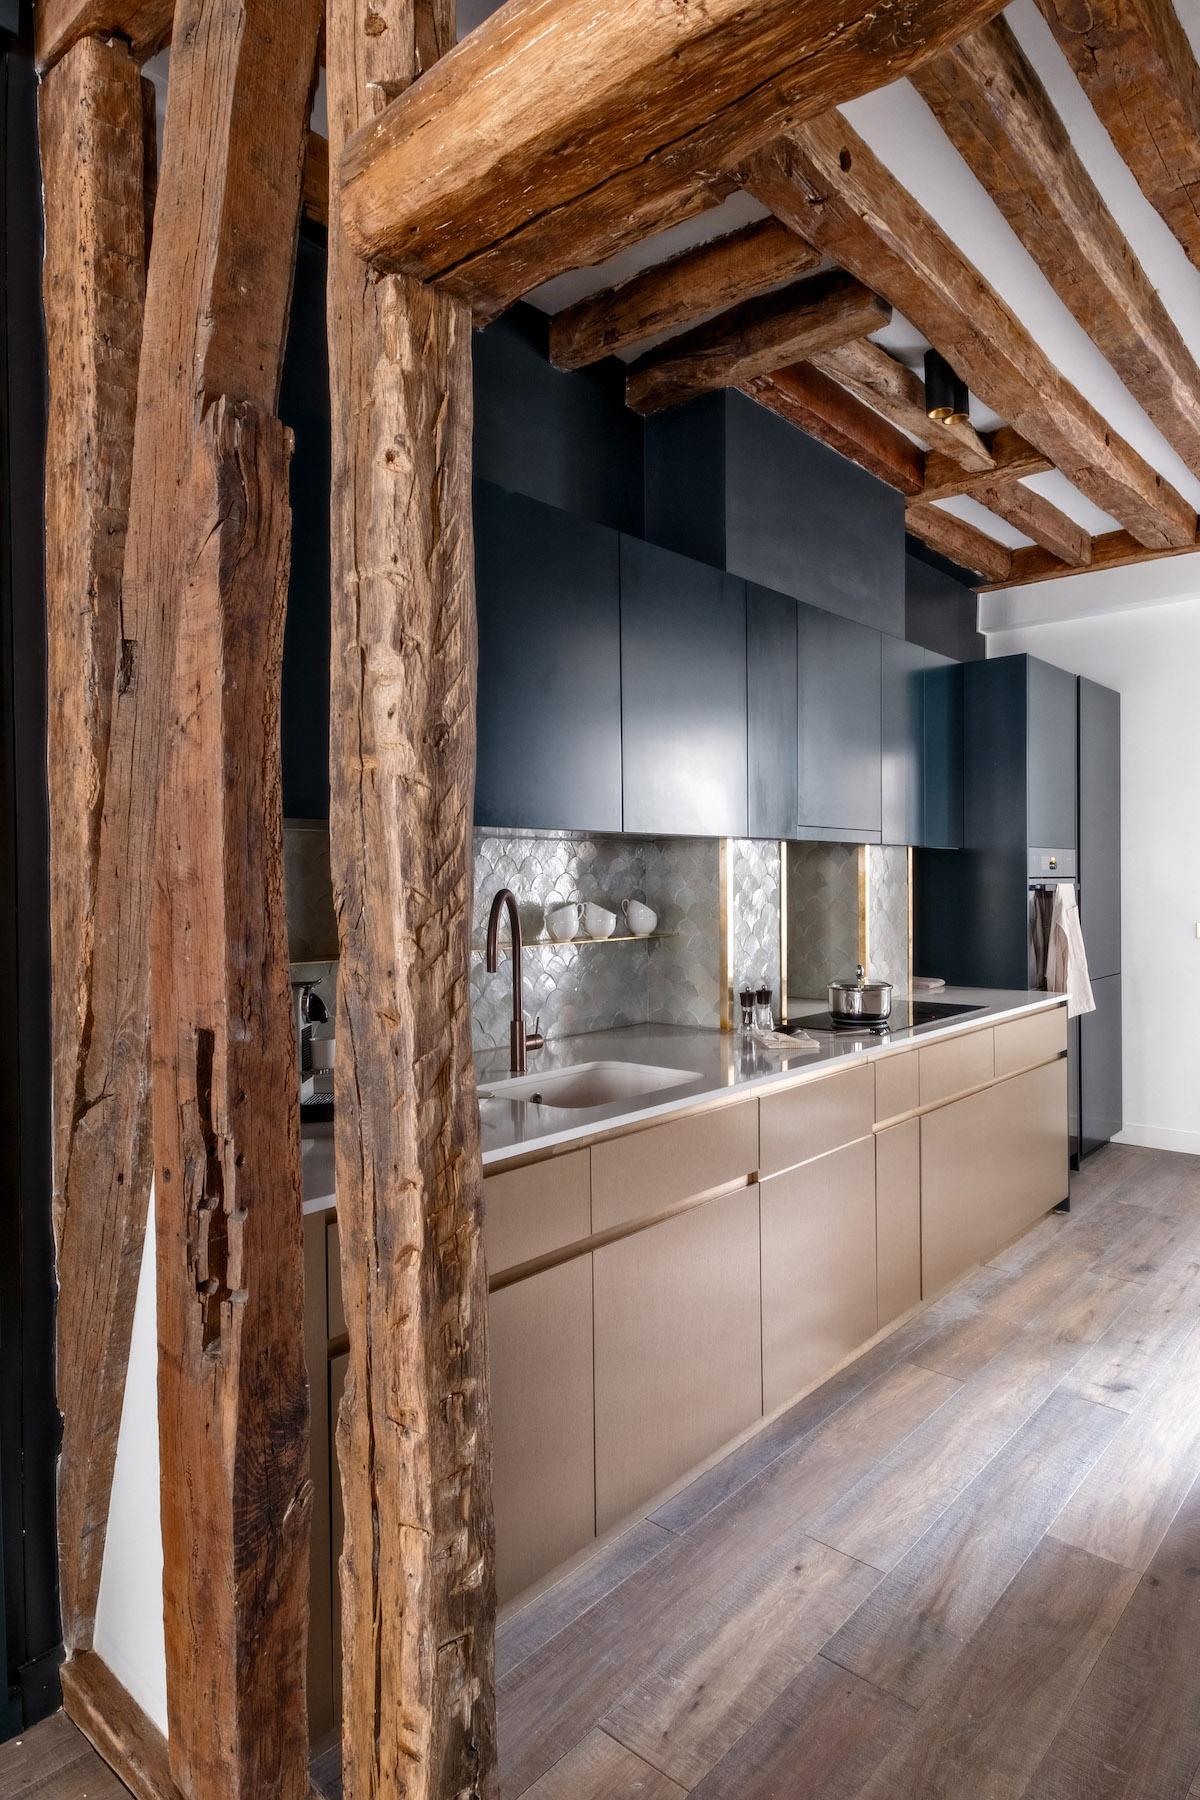 déco en bois cuisine chic luxueuse taupe laiton bleu - blog déco - clem around the corner